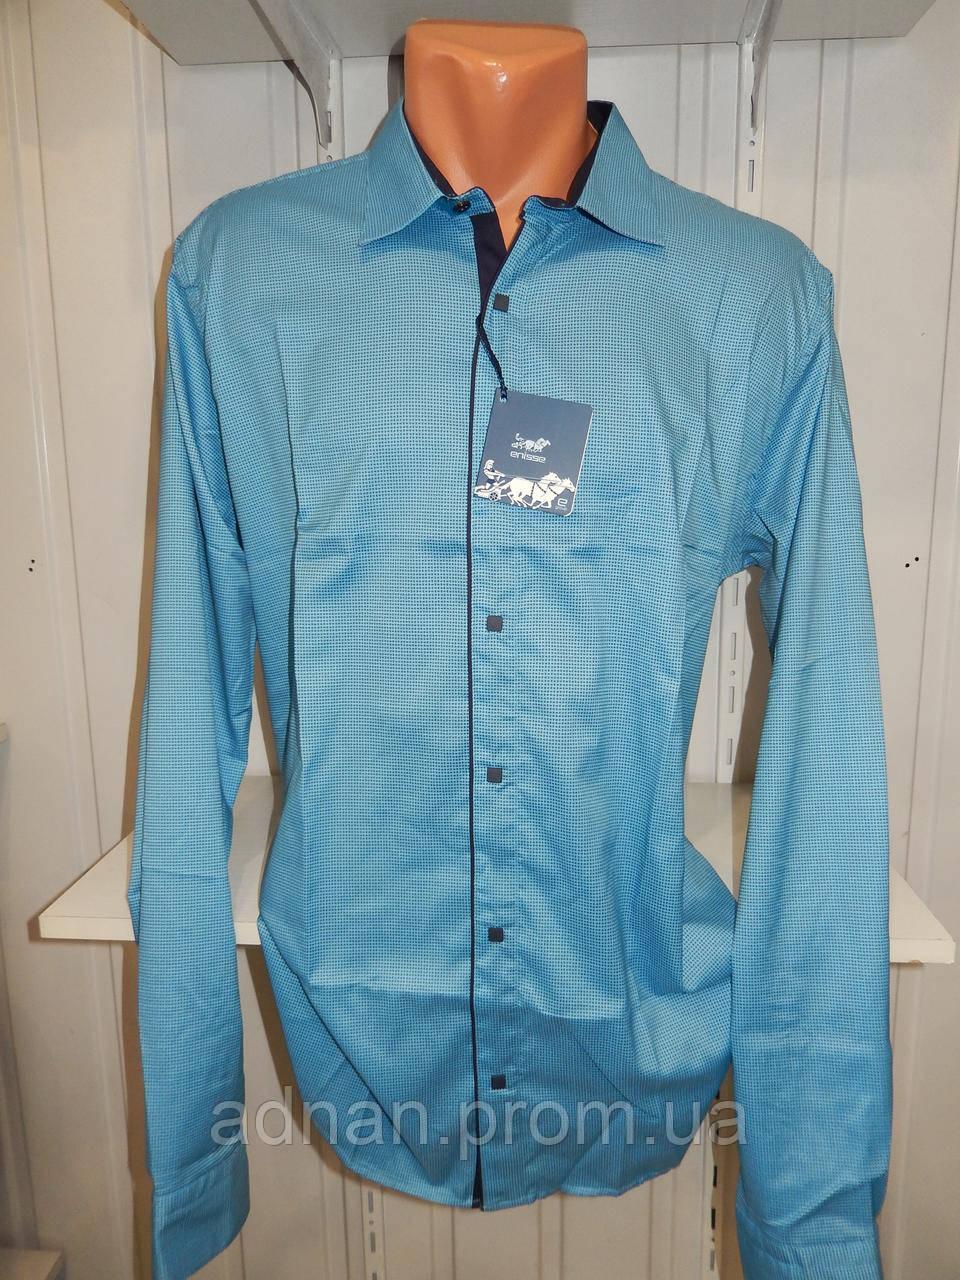 Рубашка мужская  Enisse длинный рукав, батал, стрейч, мелкий узор, заклепки 011 \ купить рубашку